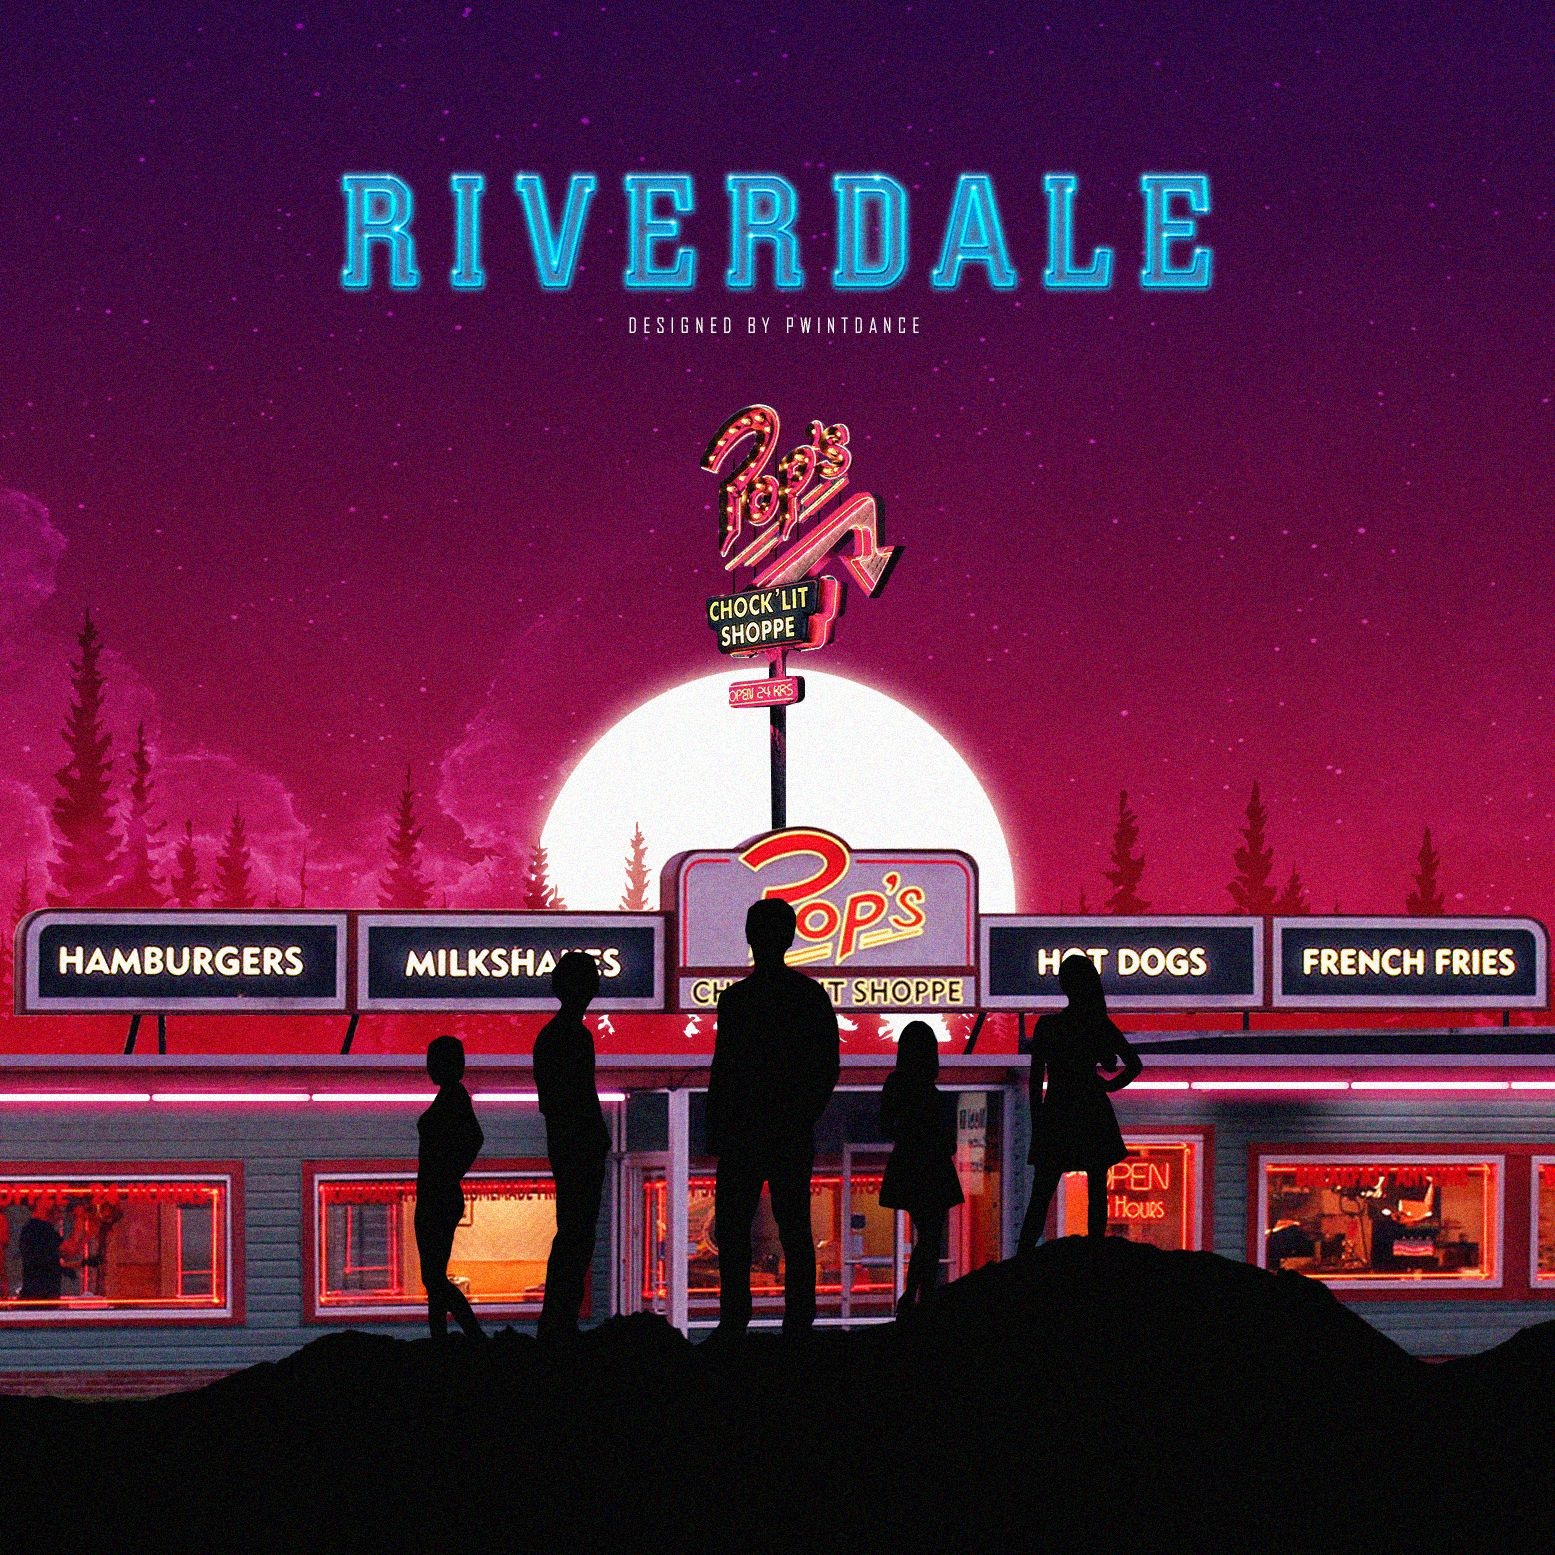 Riverdale Wallpaper: Riverdale Tumblr Wallpaper Pc